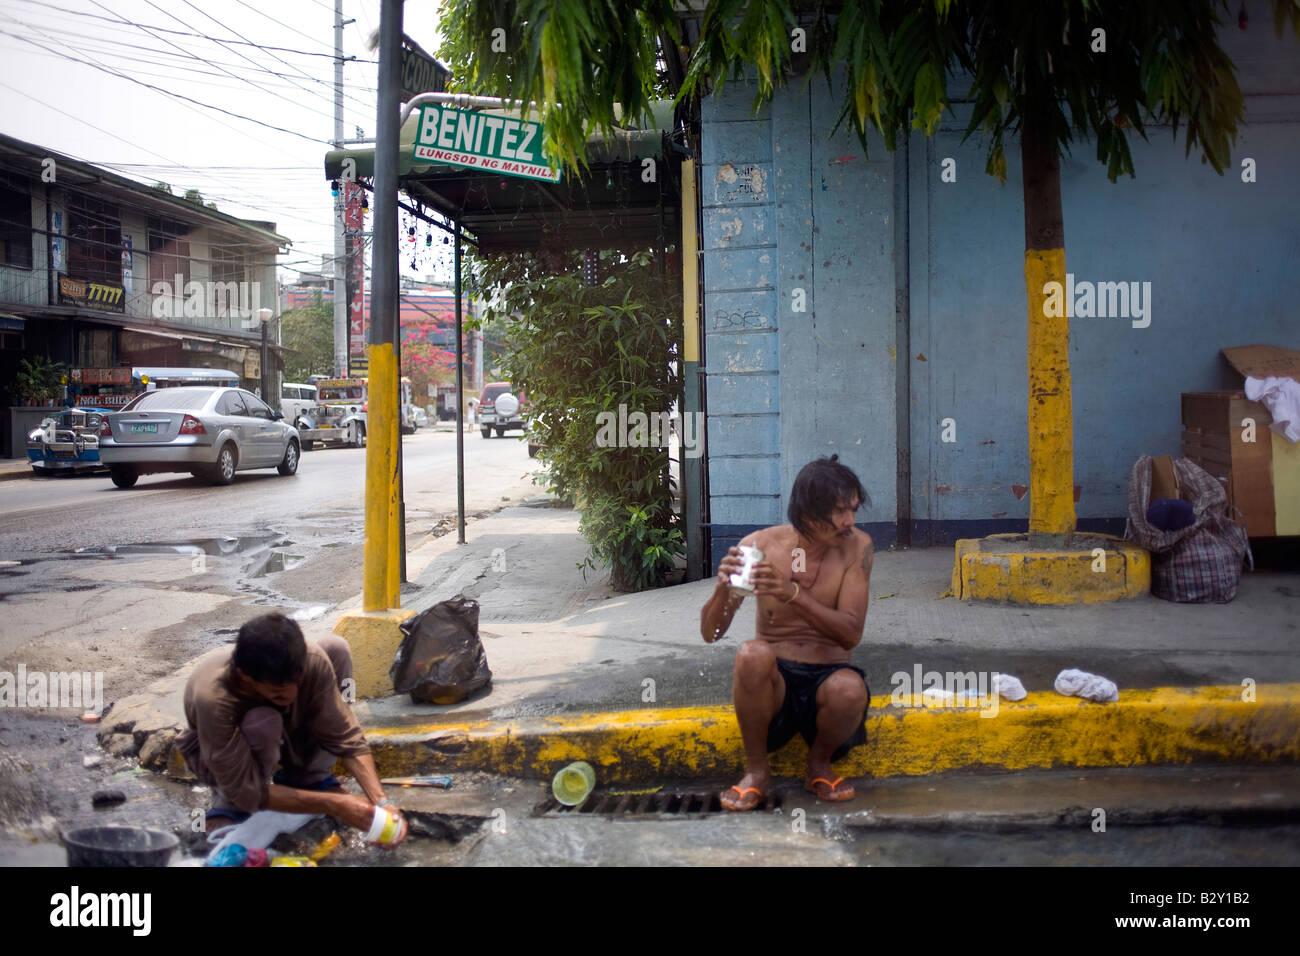 Dos pobres Filipinos bañarse con agua en una alcantarilla en Manila, Filipinas. Imagen De Stock